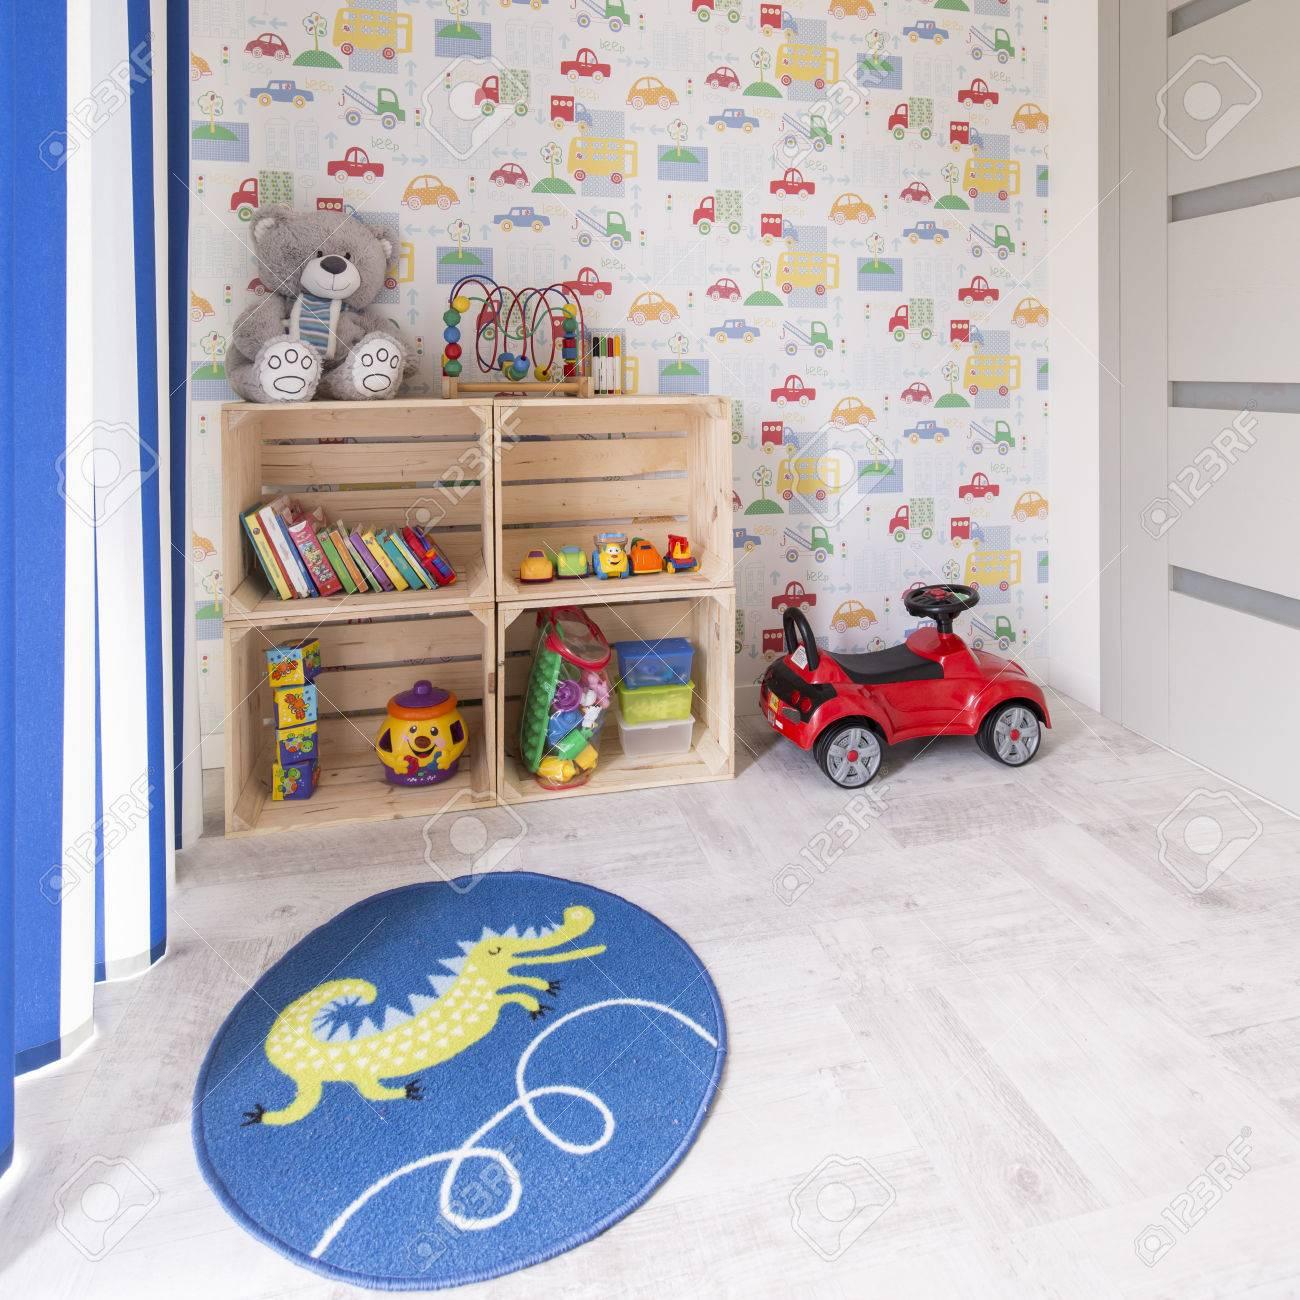 Full Size of Sofa Regal Weiß Tapeten Für Küche Regale Schlafzimmer Fototapeten Wohnzimmer Die Kinderzimmer Tapeten Kinderzimmer